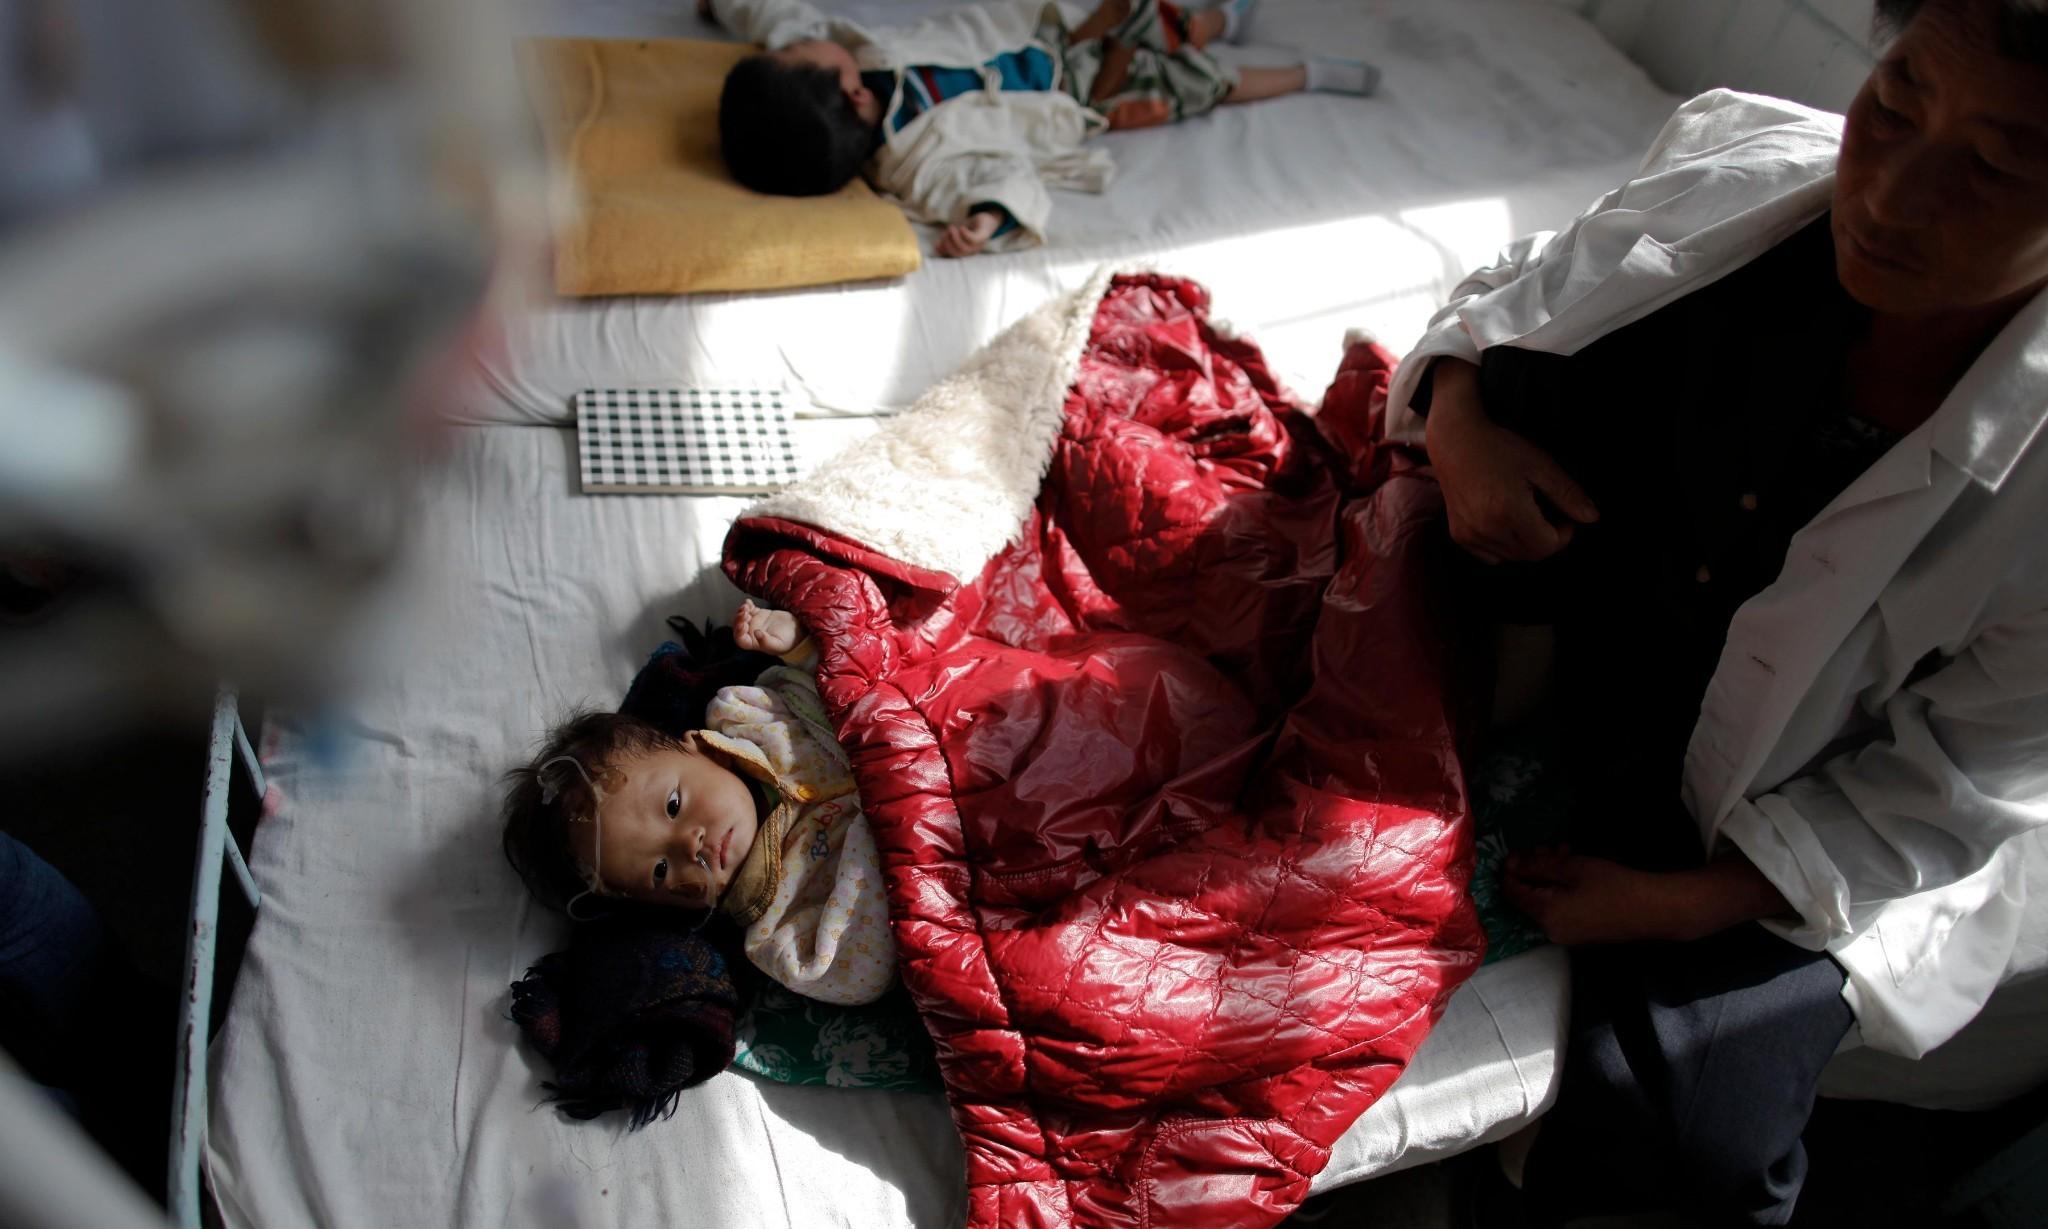 Unicef warns of severe child malnourishment in North Korea